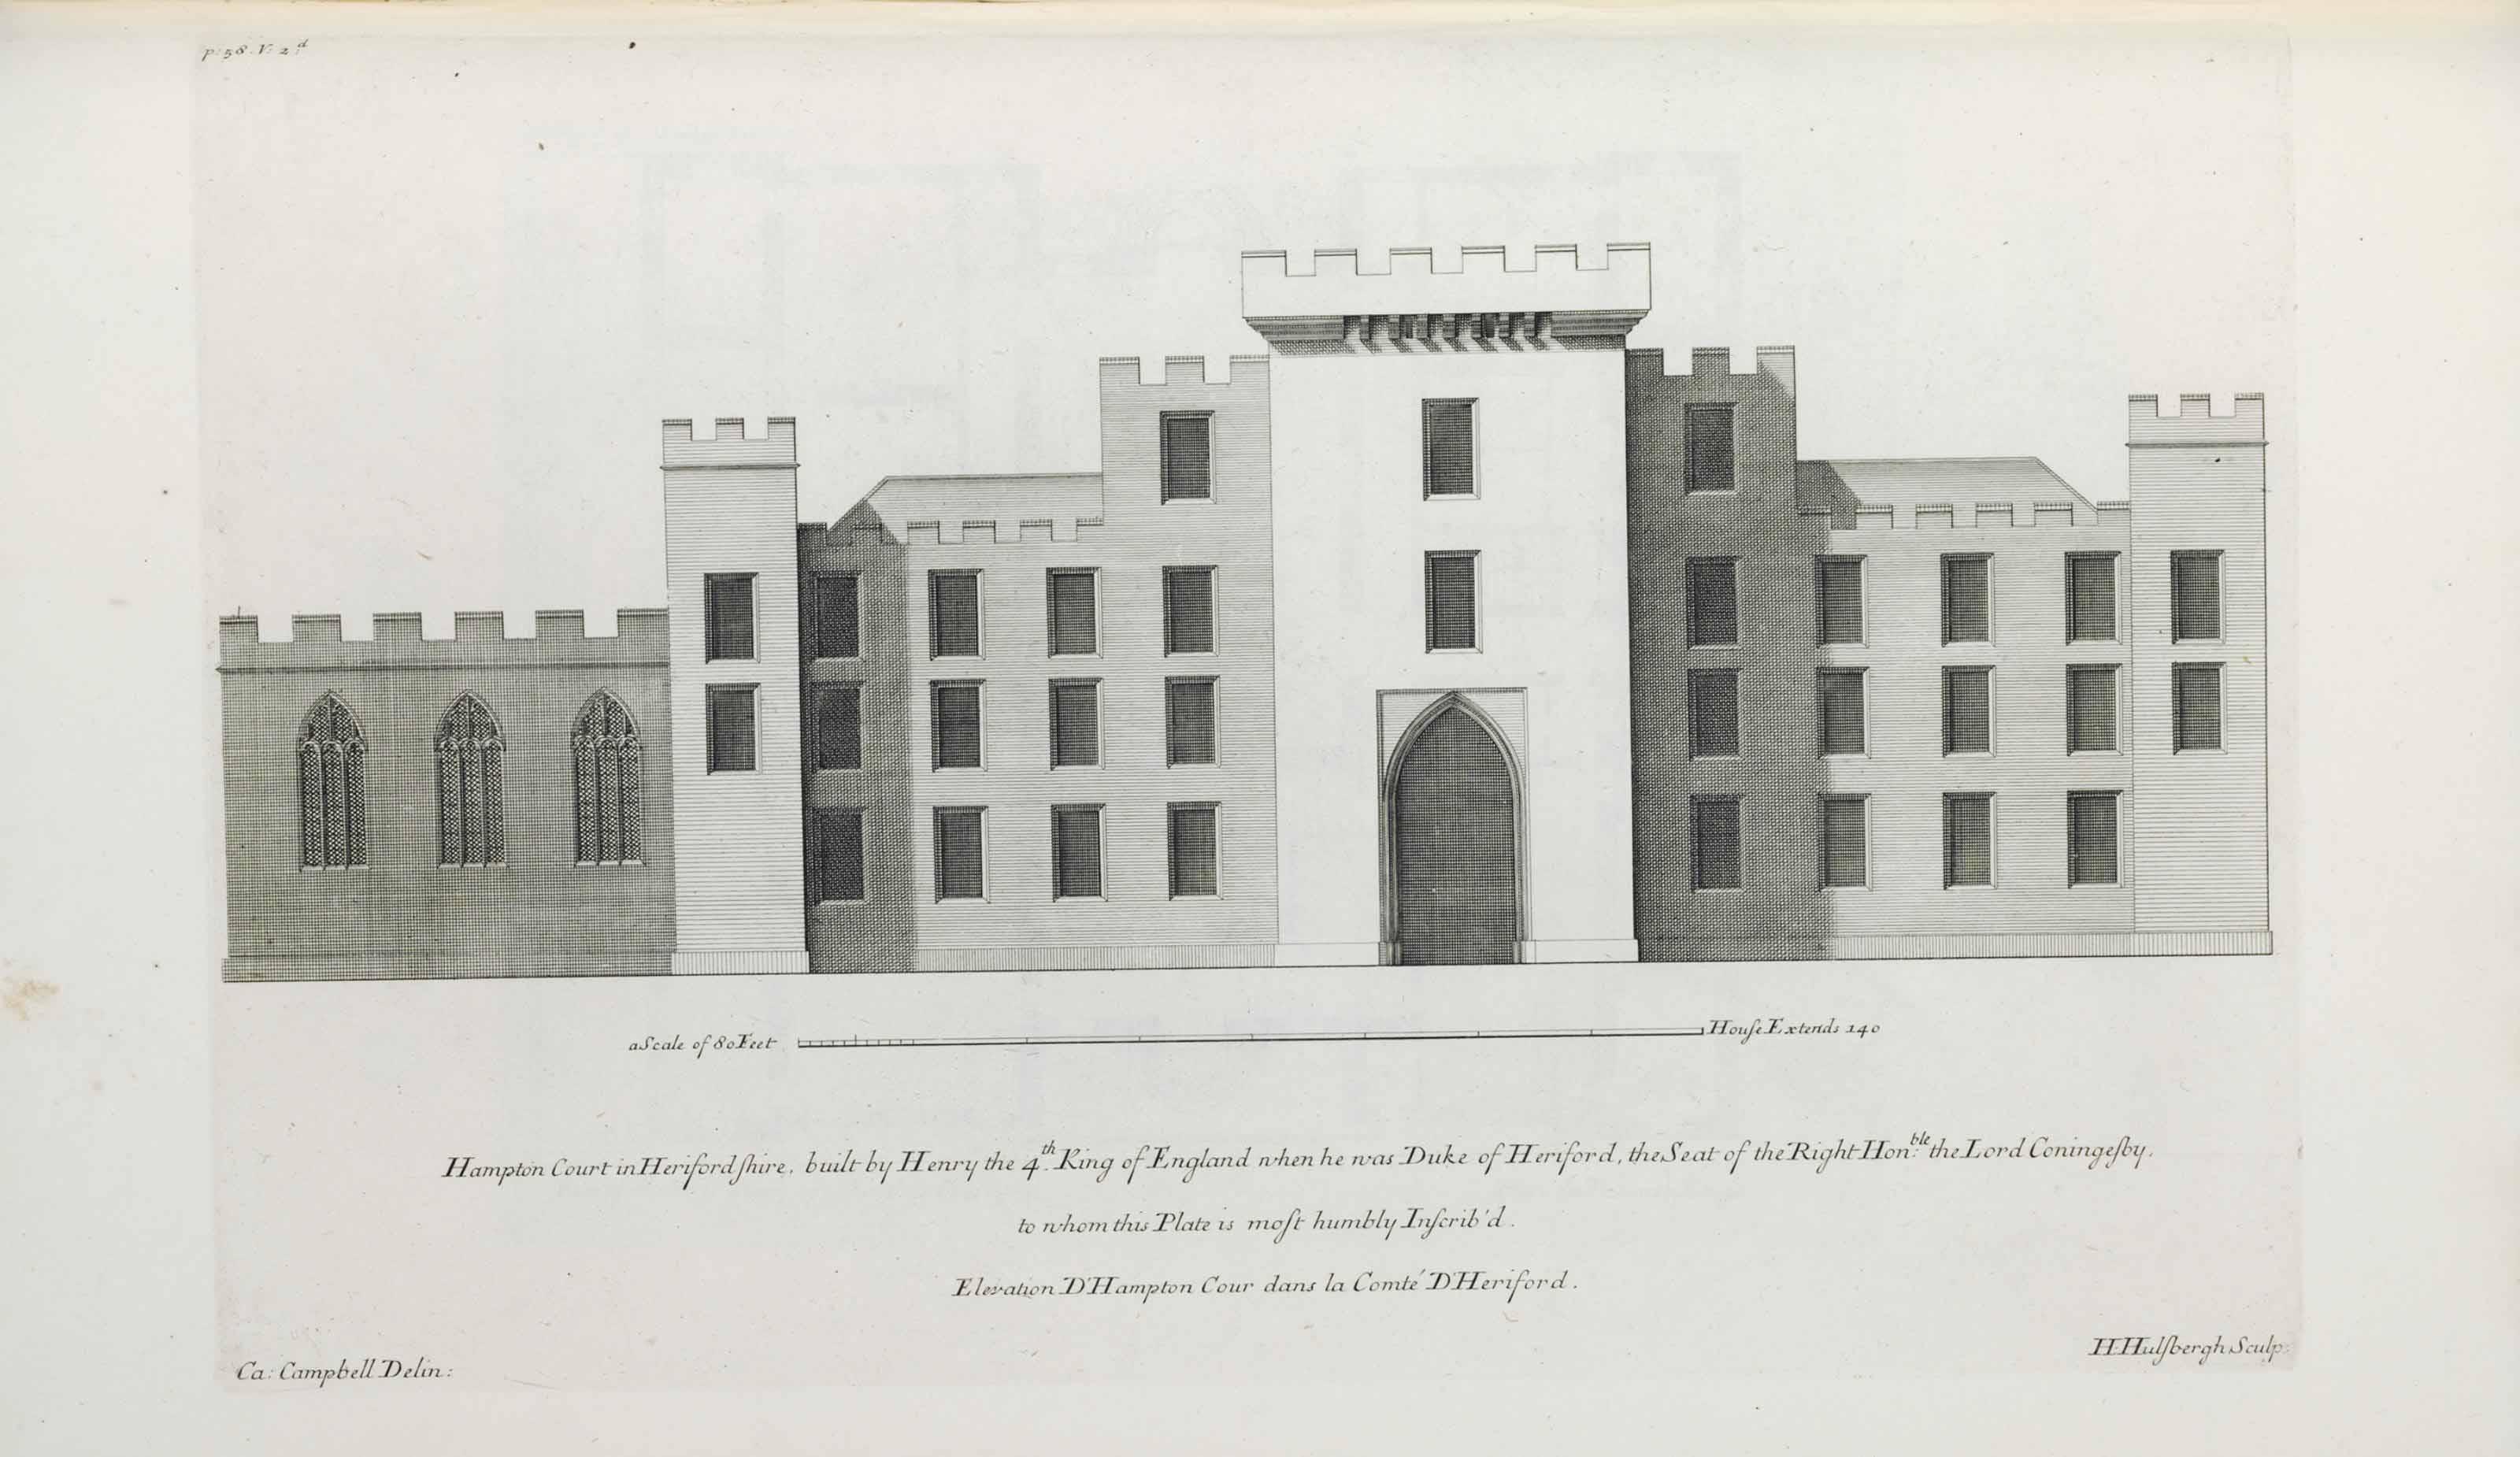 CAMPBELL, Colen (d.1720). Vitr